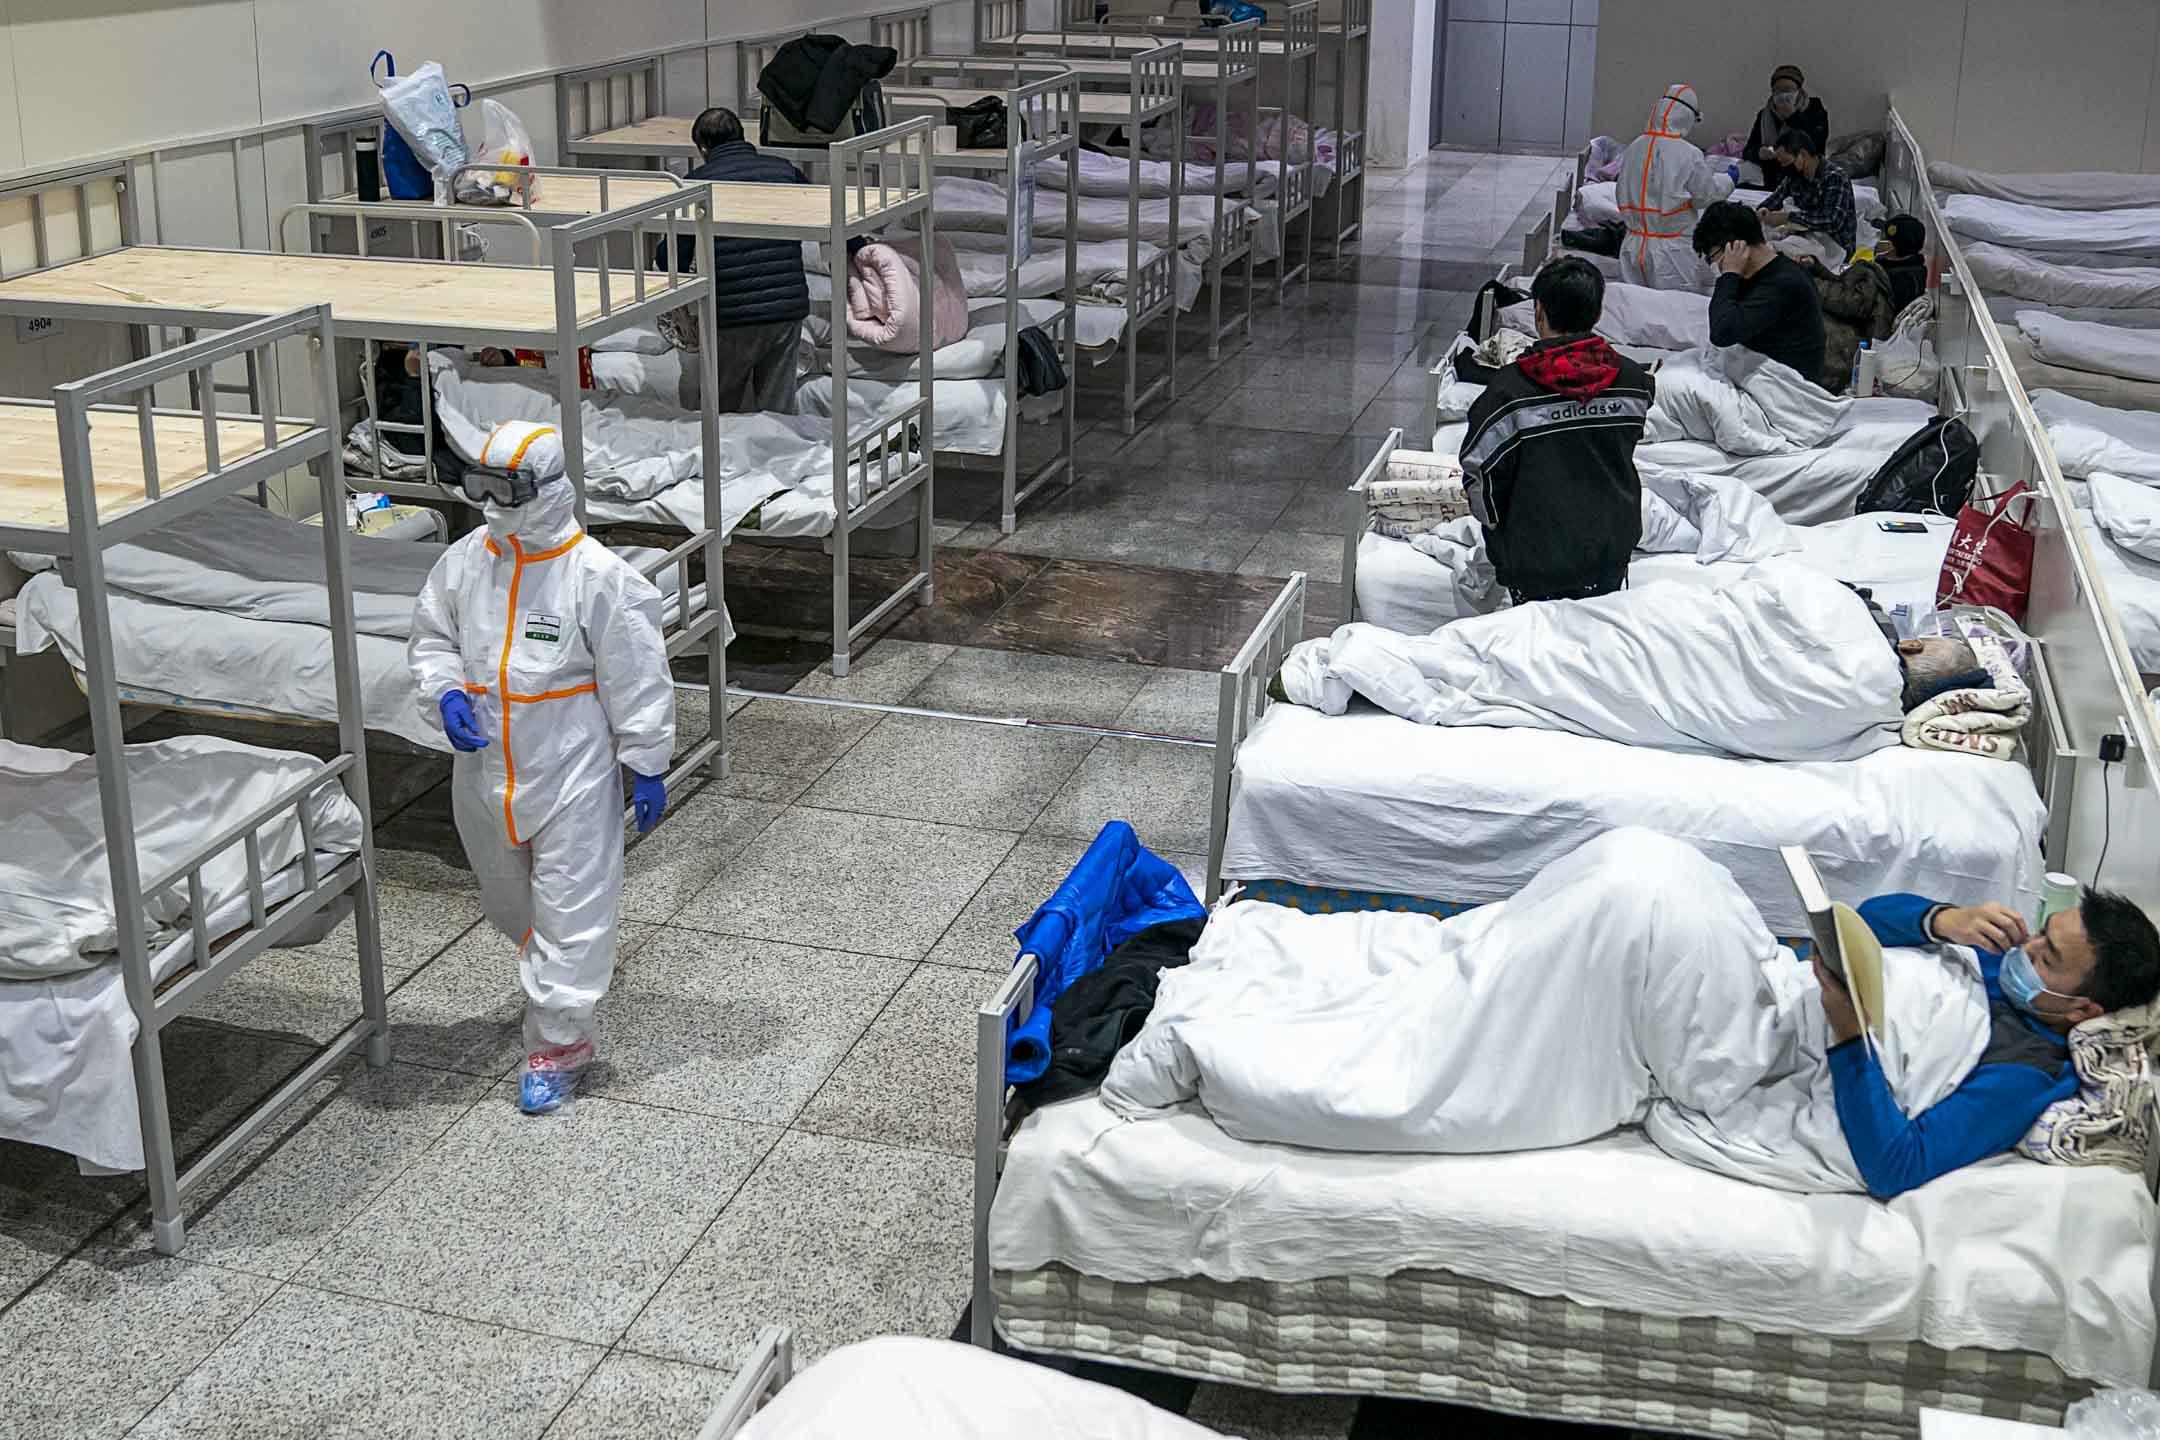 2020年2月5日,武漢市一個大型臨時醫院提供了3,000張床位,提供冠狀病毒病人作臨時治療的地方。